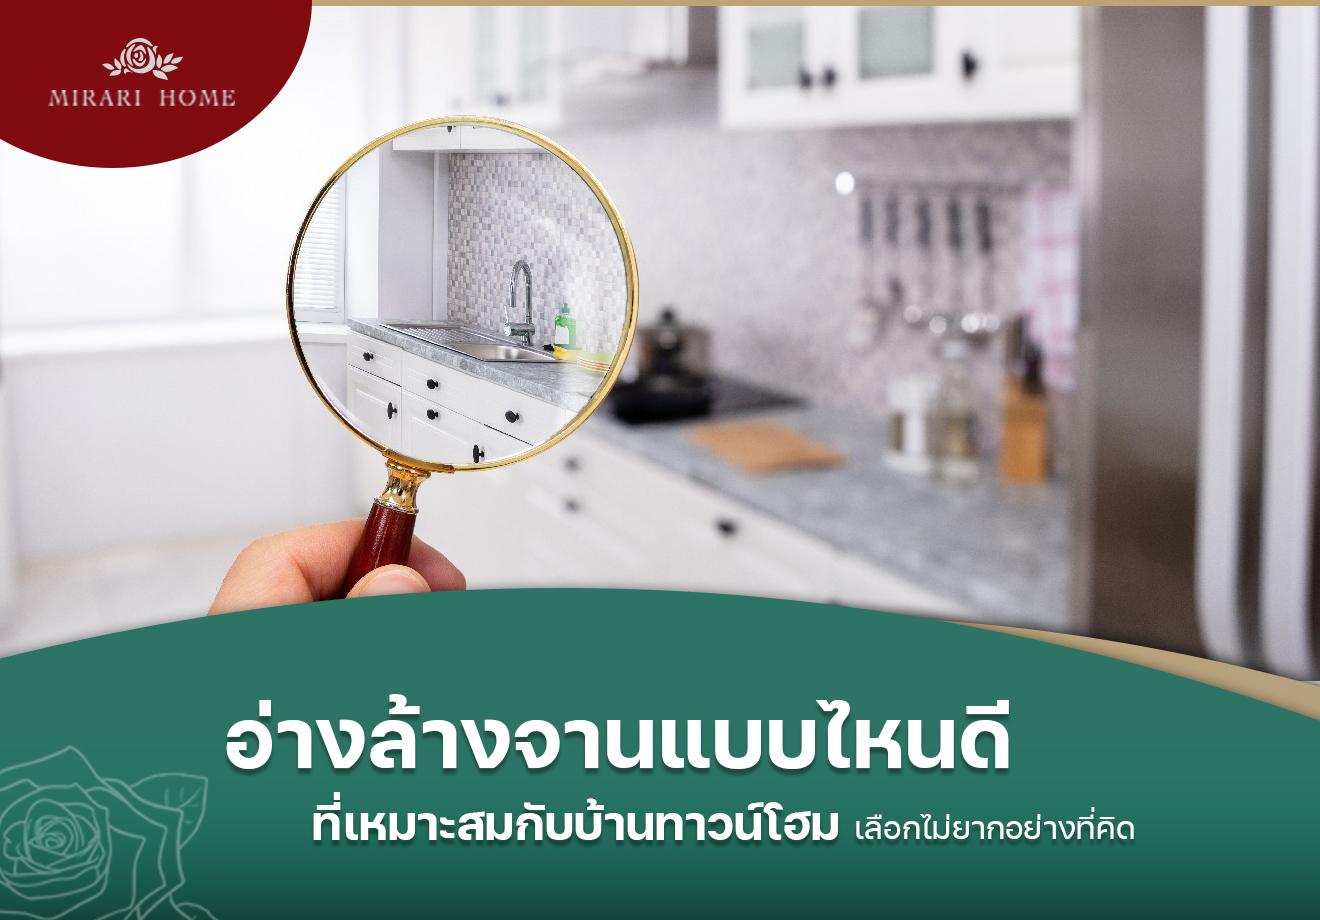 อ่างล้างจานแบบไหนดี ที่เหมาะสมกับบ้านทาวน์โฮม เลือกไม่ยากอย่างที่คิด